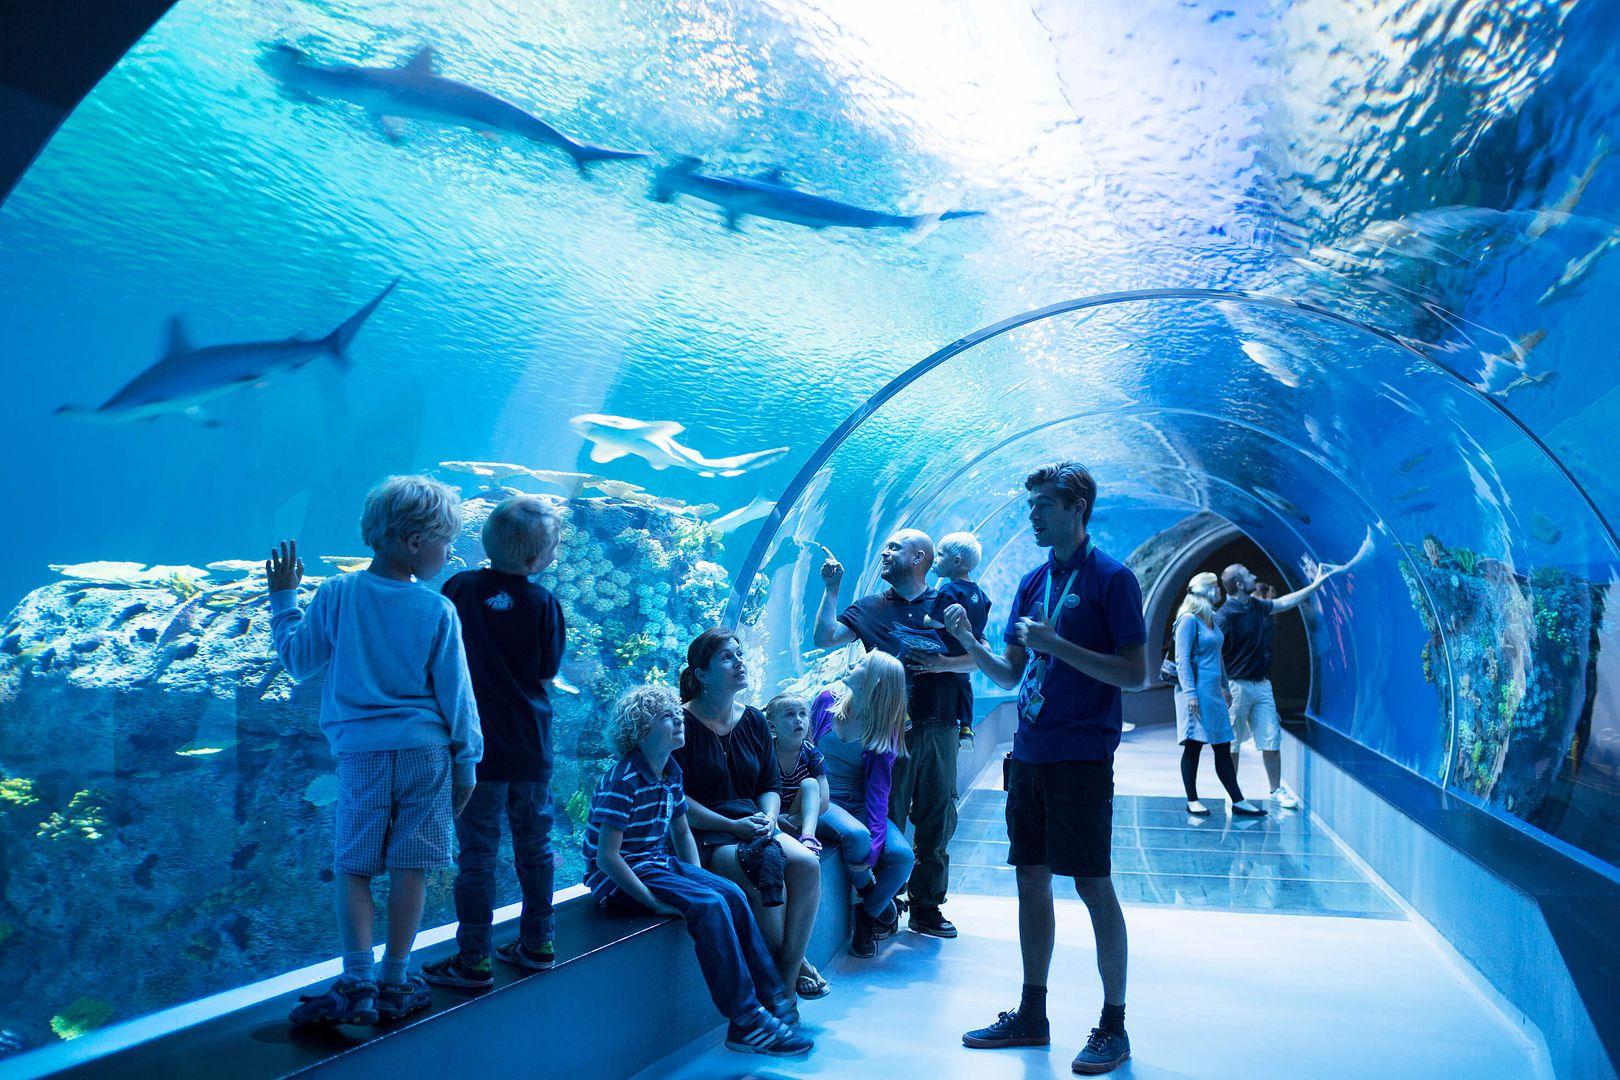 Oceanarium w Polsce. Sprawdź, gdzie można zobaczyć rekiny - WP Turystyka